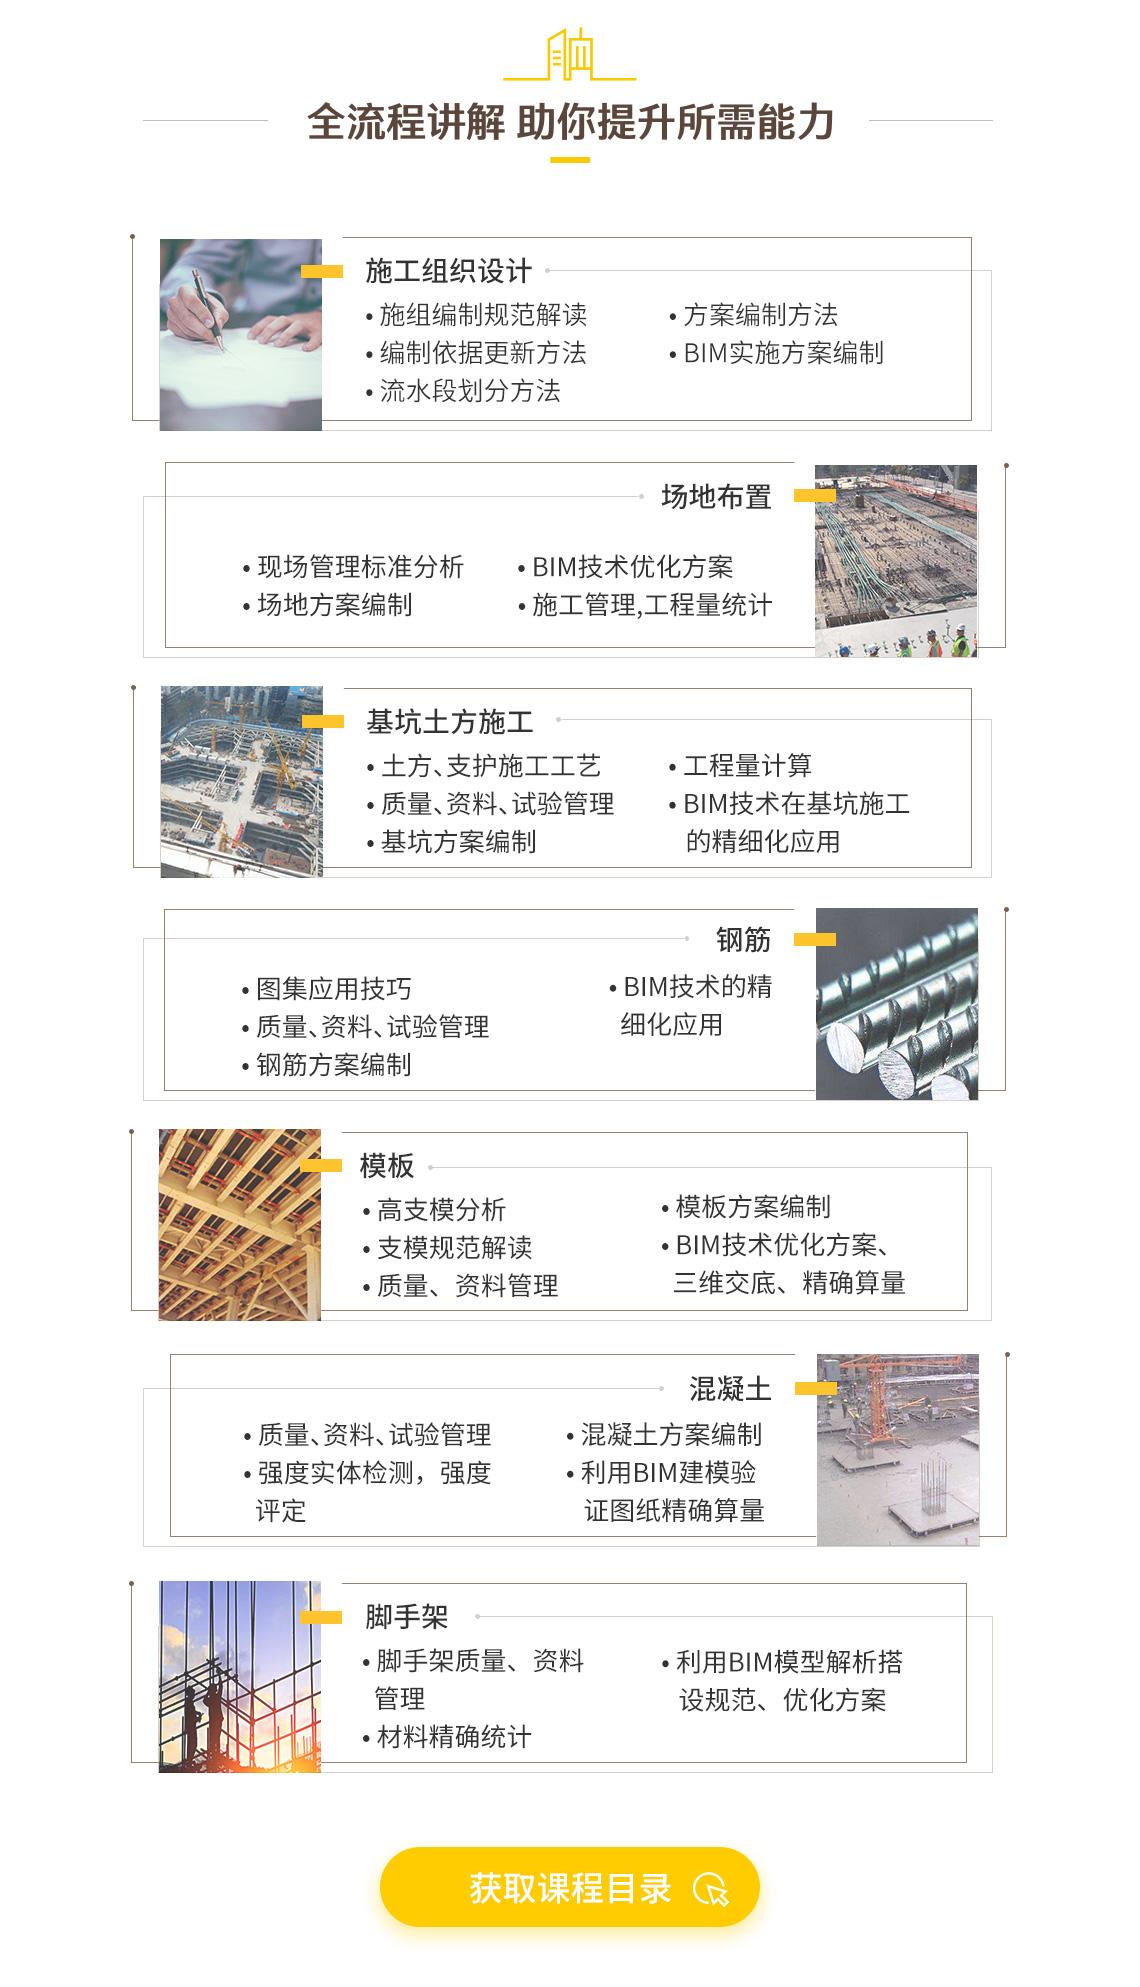 本课程为试学课,仅包含两节视频课程,包括场地布置与高大支模方案的编制。